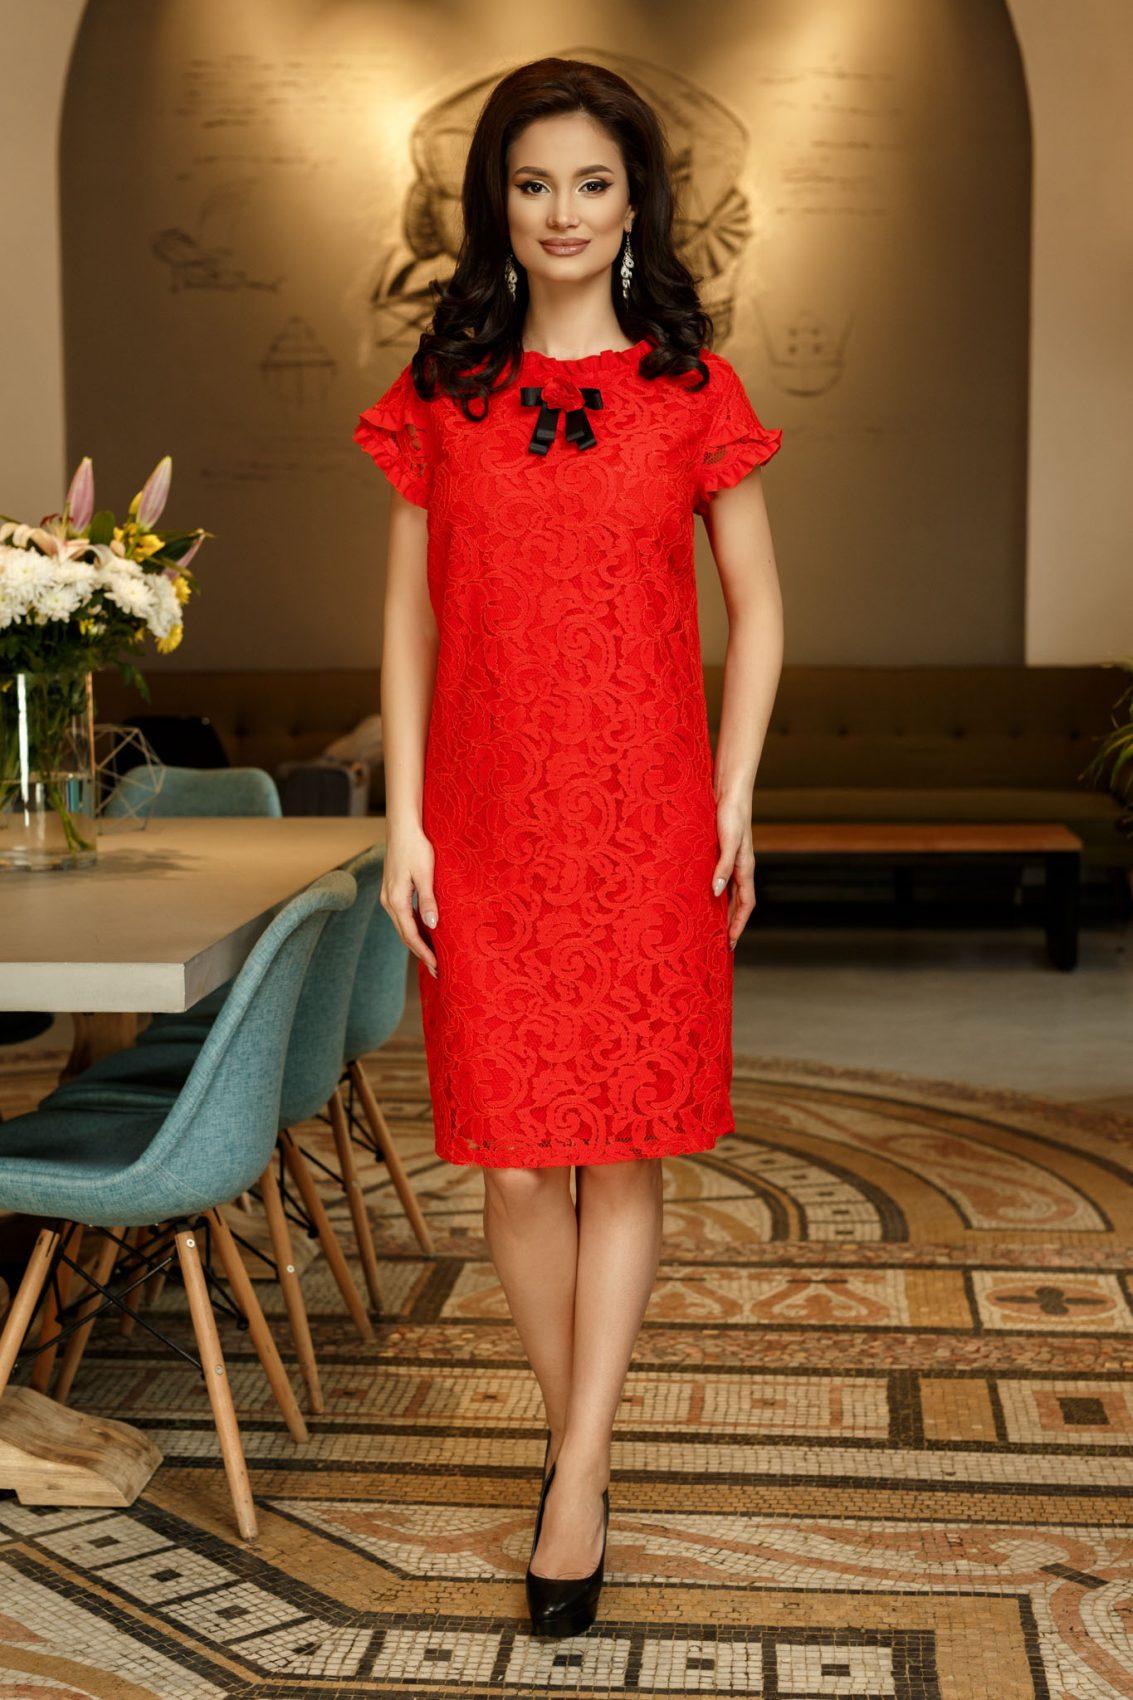 Κοραλί Φόρεμα Από Δαντέλα Hellen 9334 1